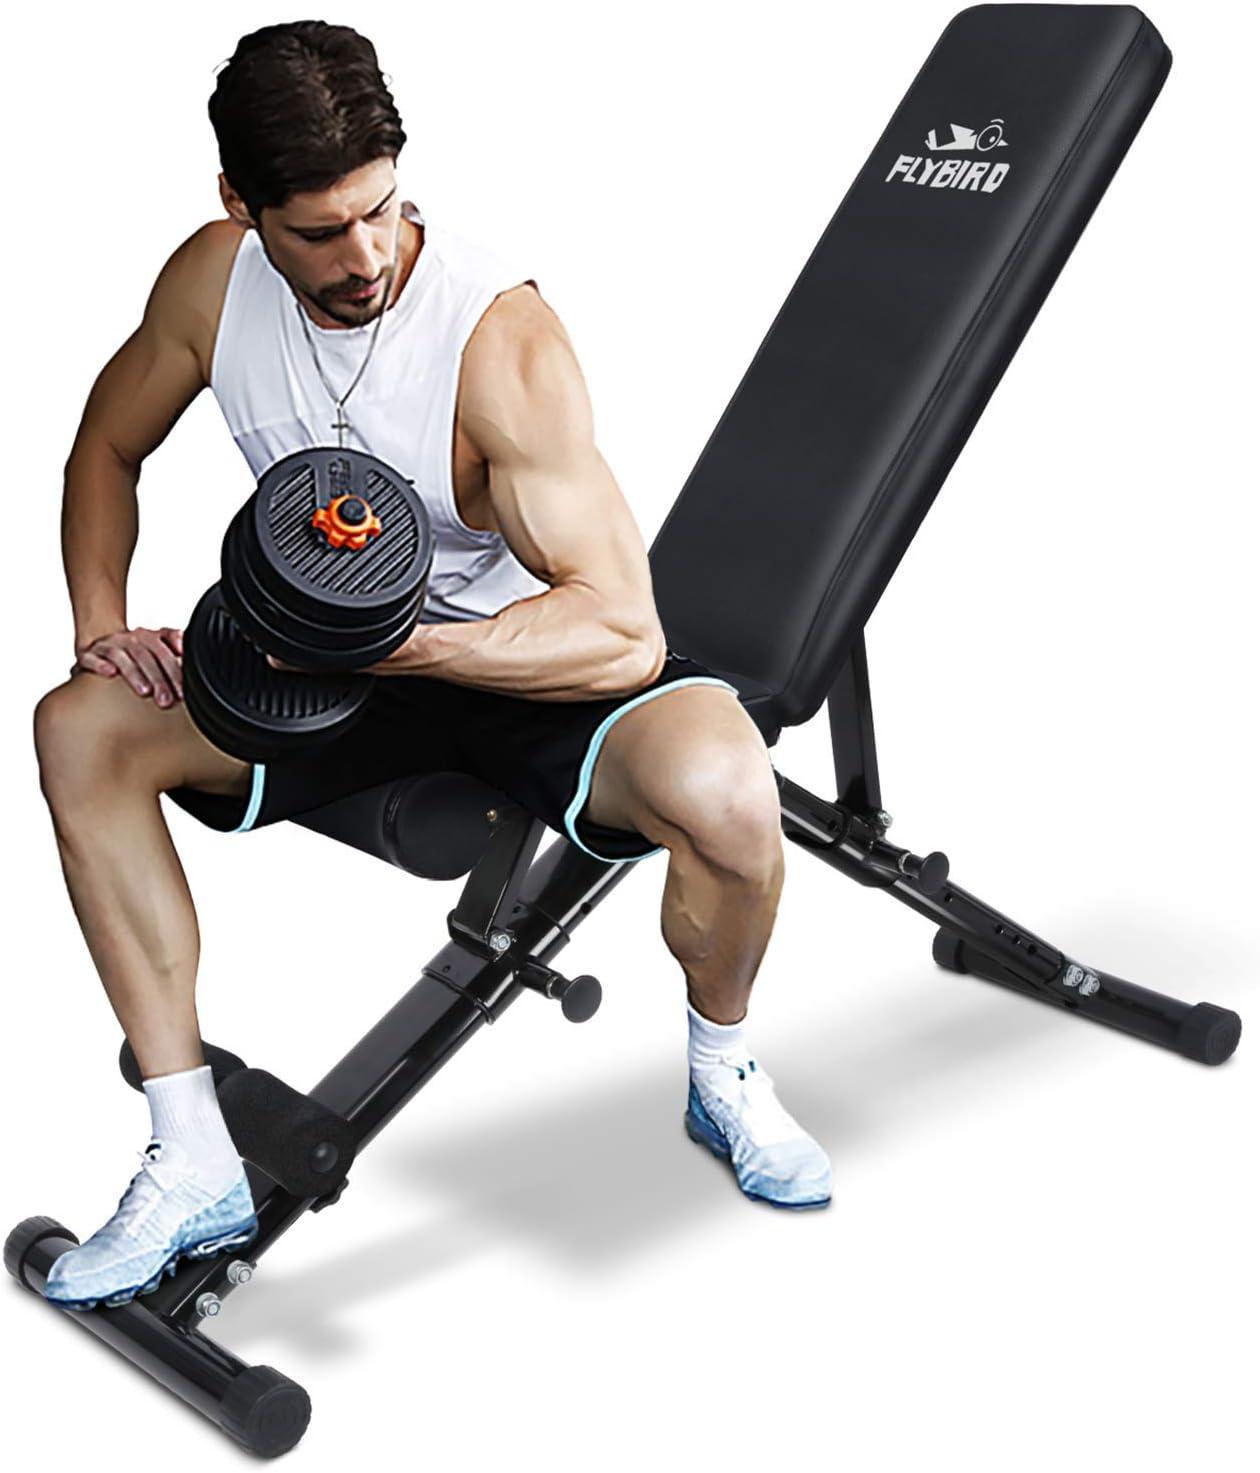 Banco de Abdominales para Entrenamiento de Cuerpo Entero Banco de Pesas Ajustable para Fitness Entrenador Abdominal para Gimnasio en Casa Carga 150KG